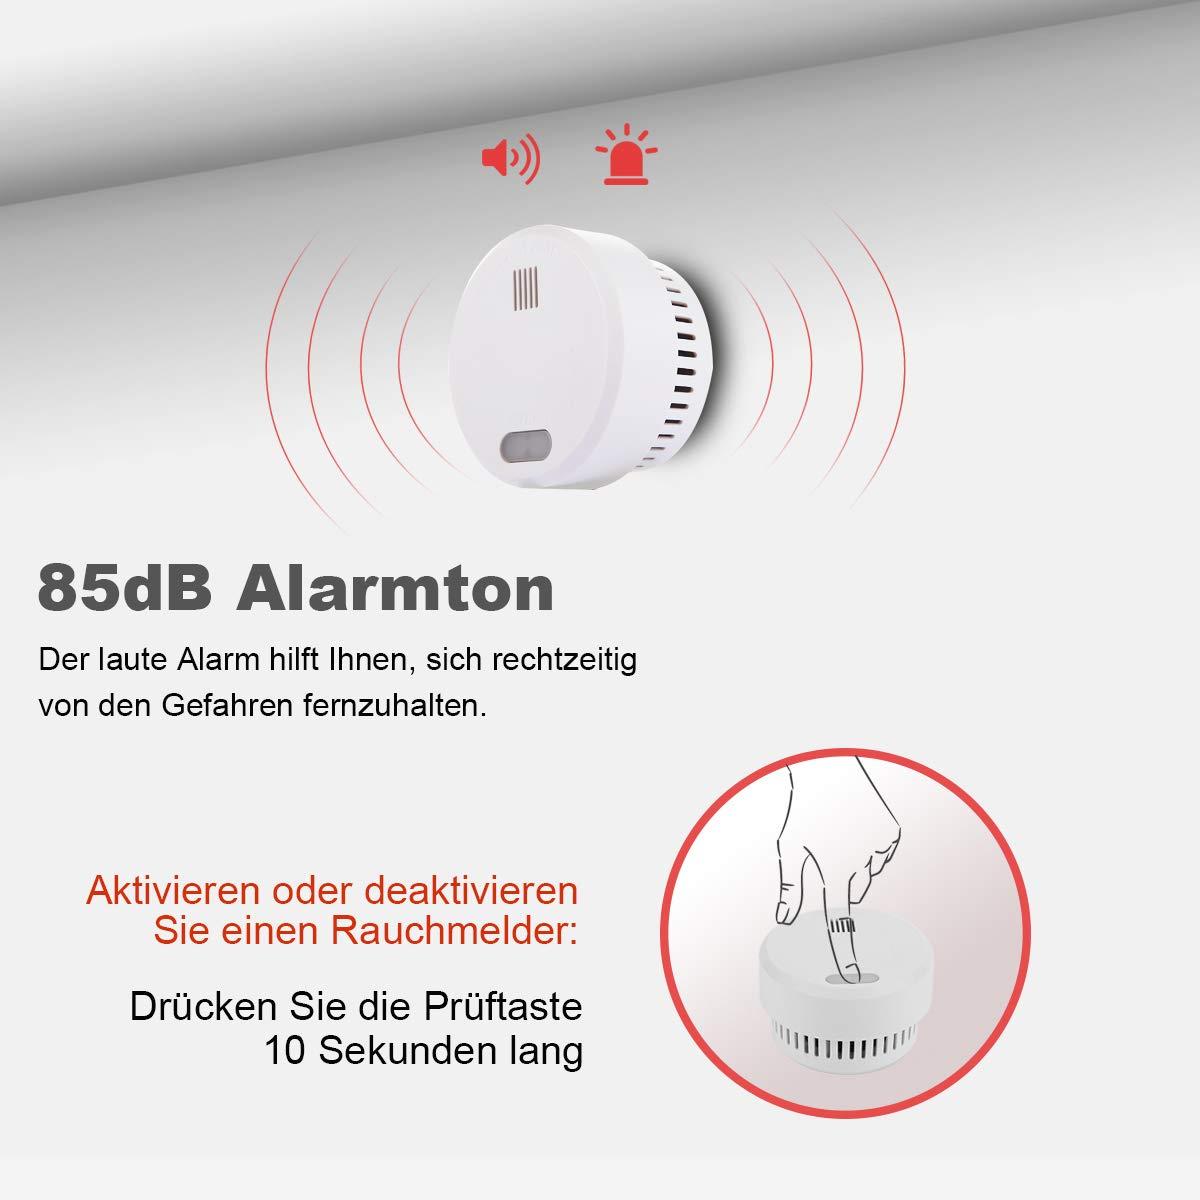 SM02 Ecomono Independiente Alarma de Humo para Cocina//Dormitorio//Oficina//Hogar//Garaje Sensor Fotoel/éctrico 85dB Certificaci/ón CE EN14604 Detector de Humo